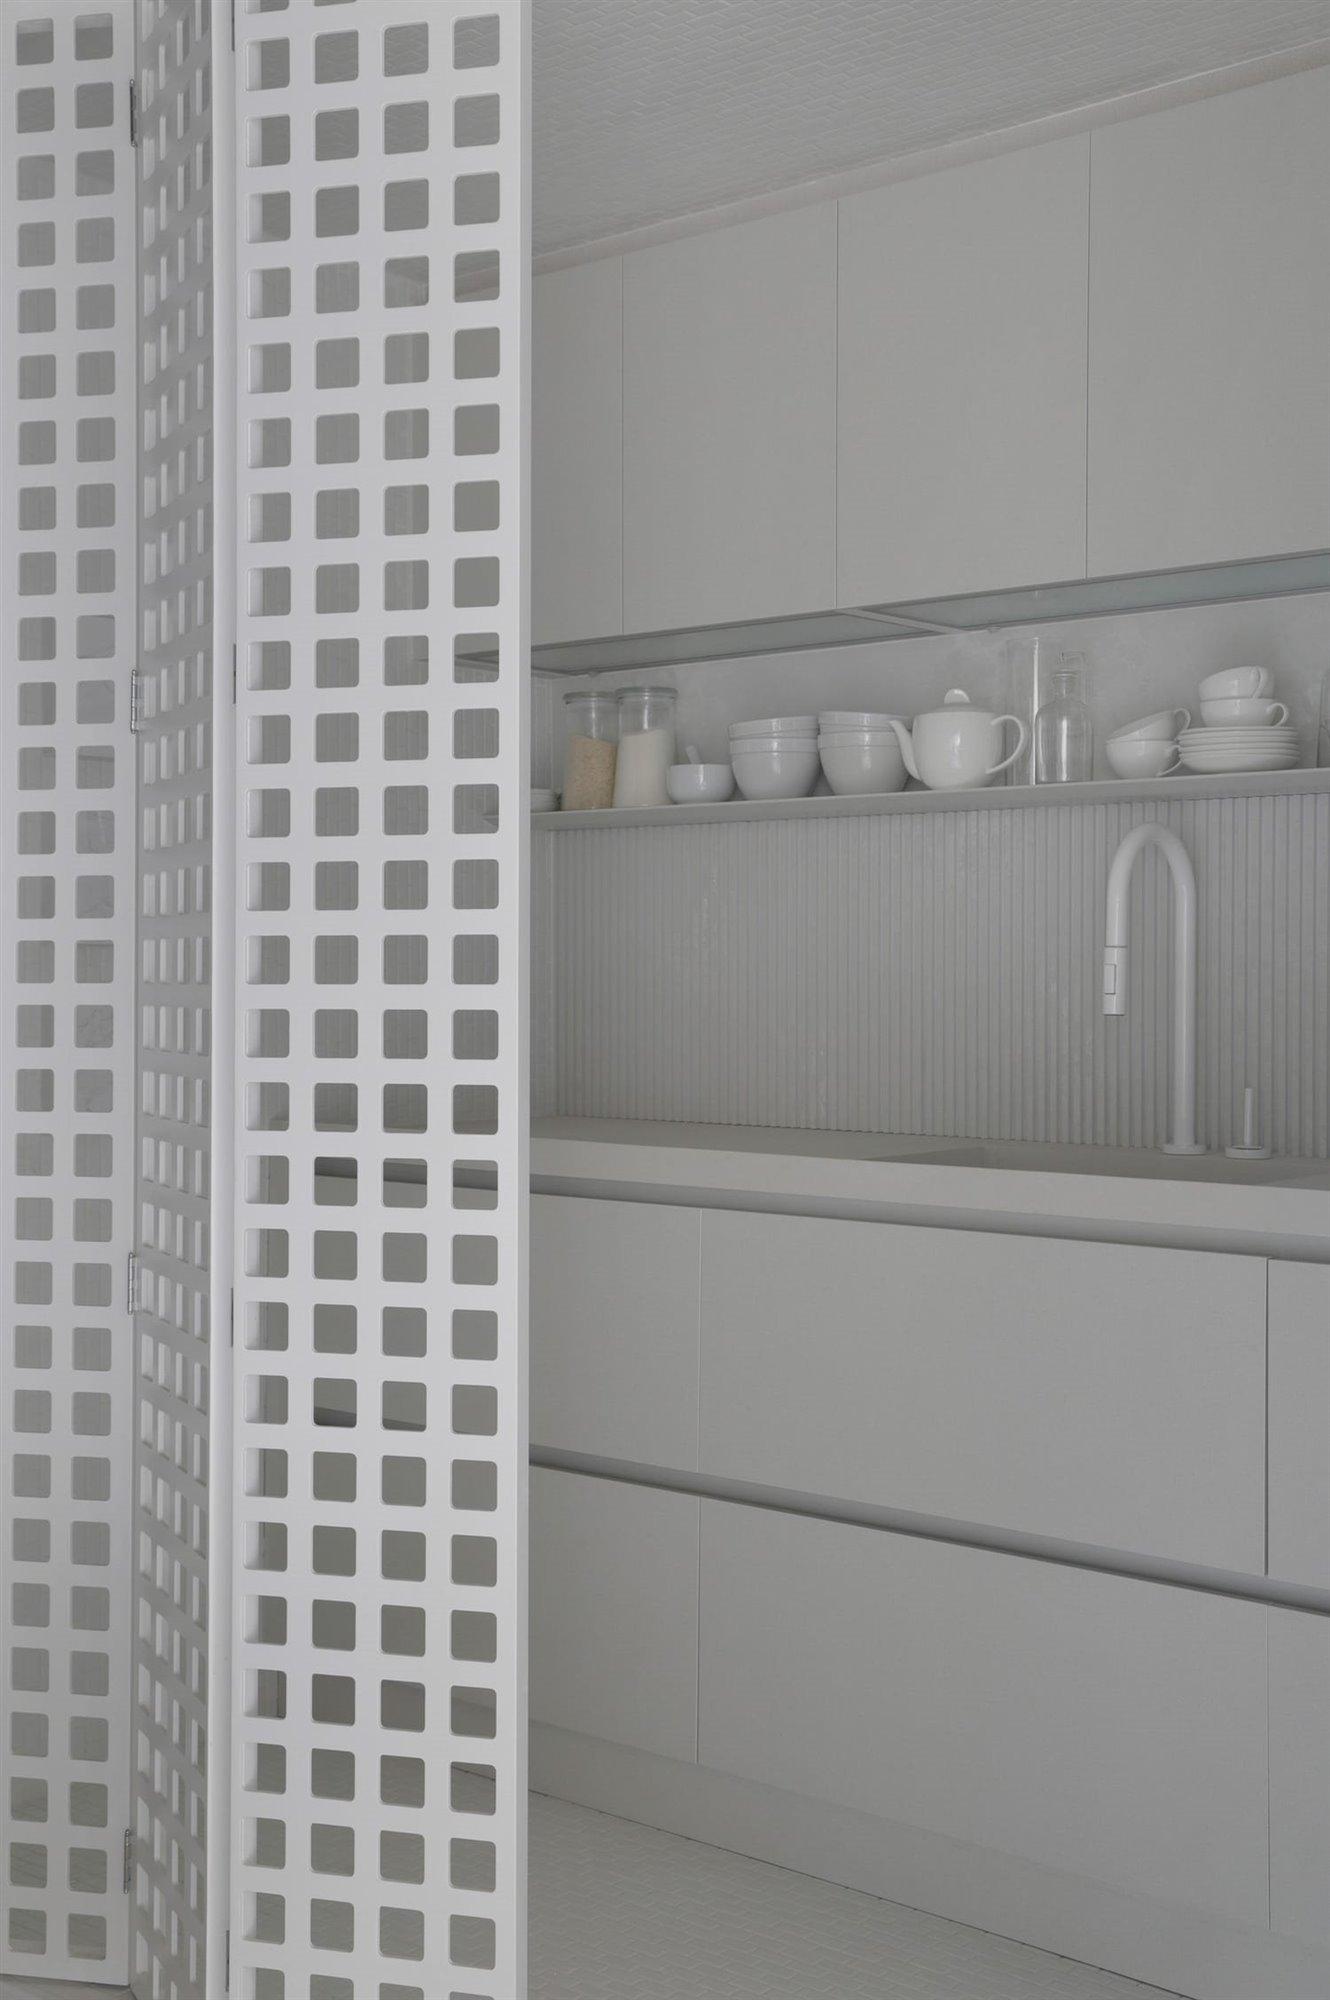 Detalle interior módulo cocina con puerta plegable perforada con motivos cuadrados, encimera, zona de aguas, estantes y amarios